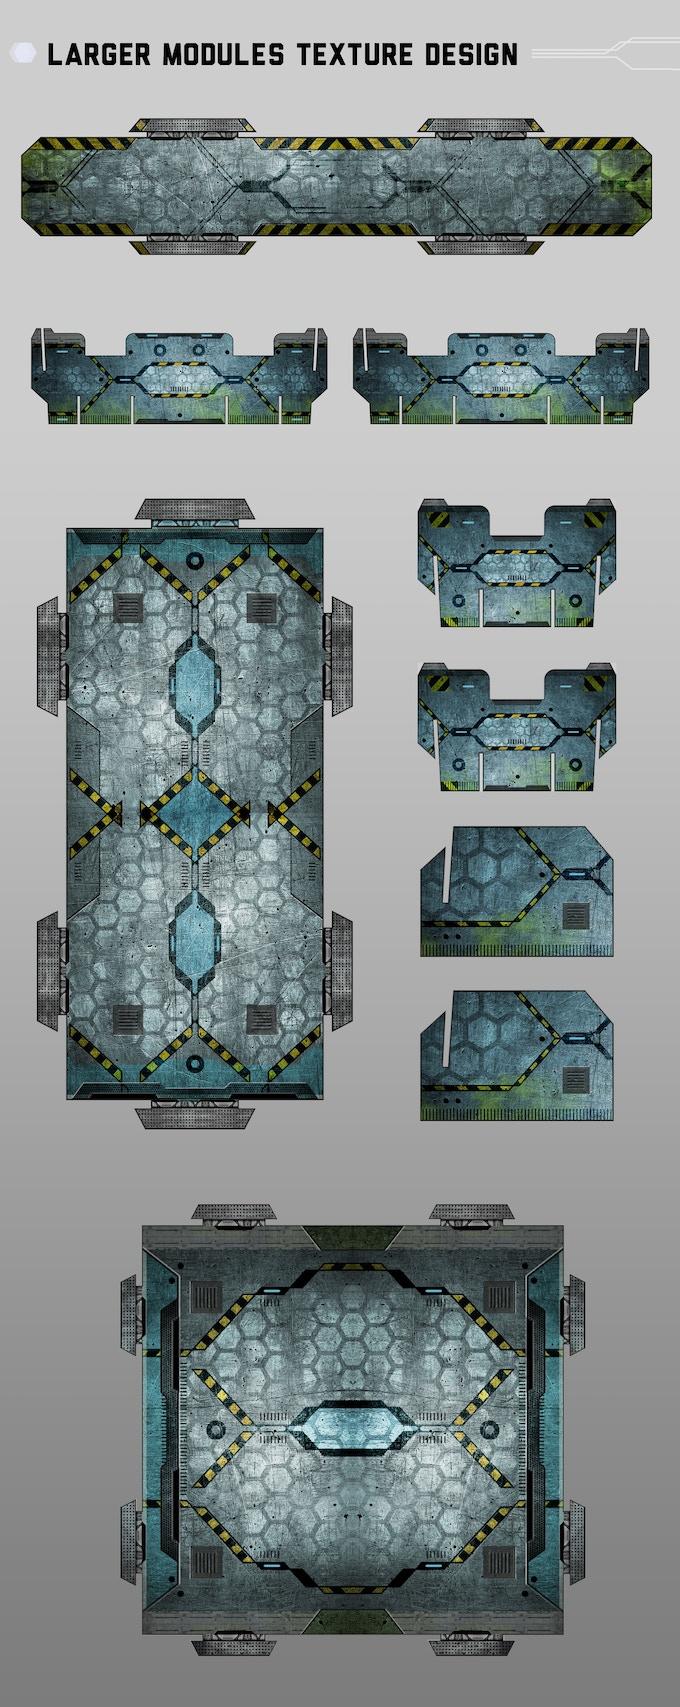 Future-Jungle design by Badu